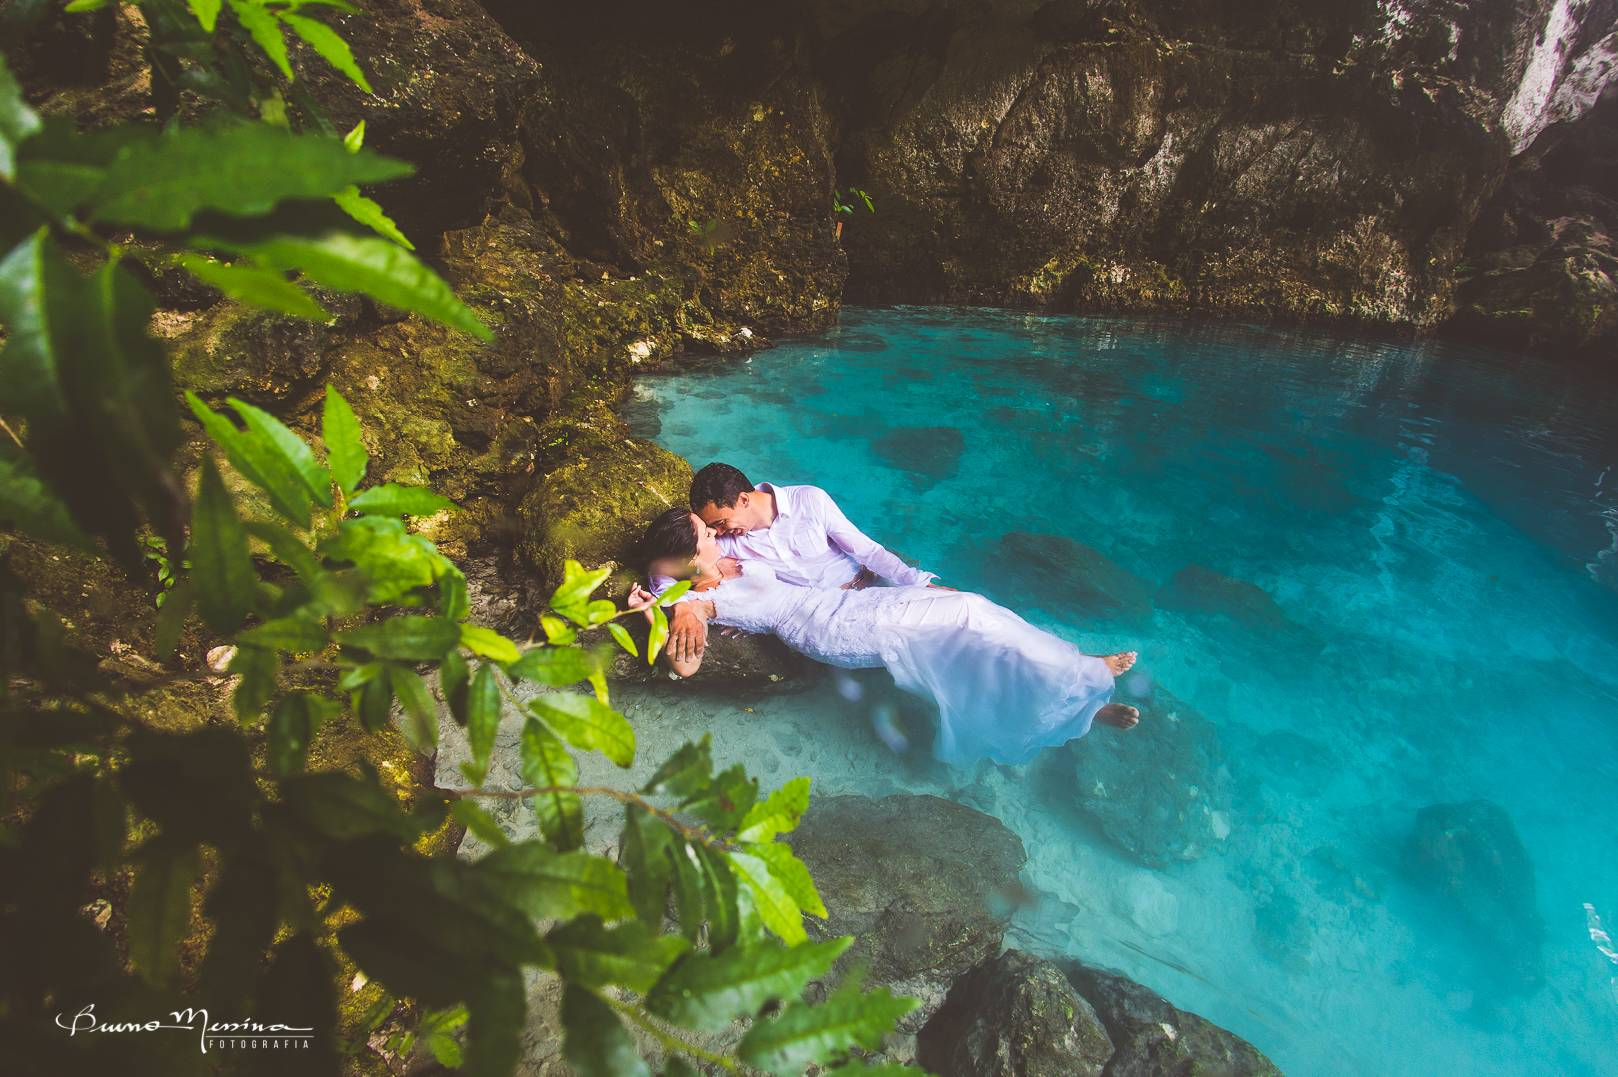 Ensaio-Subaquático-em-Punta-Cana-27